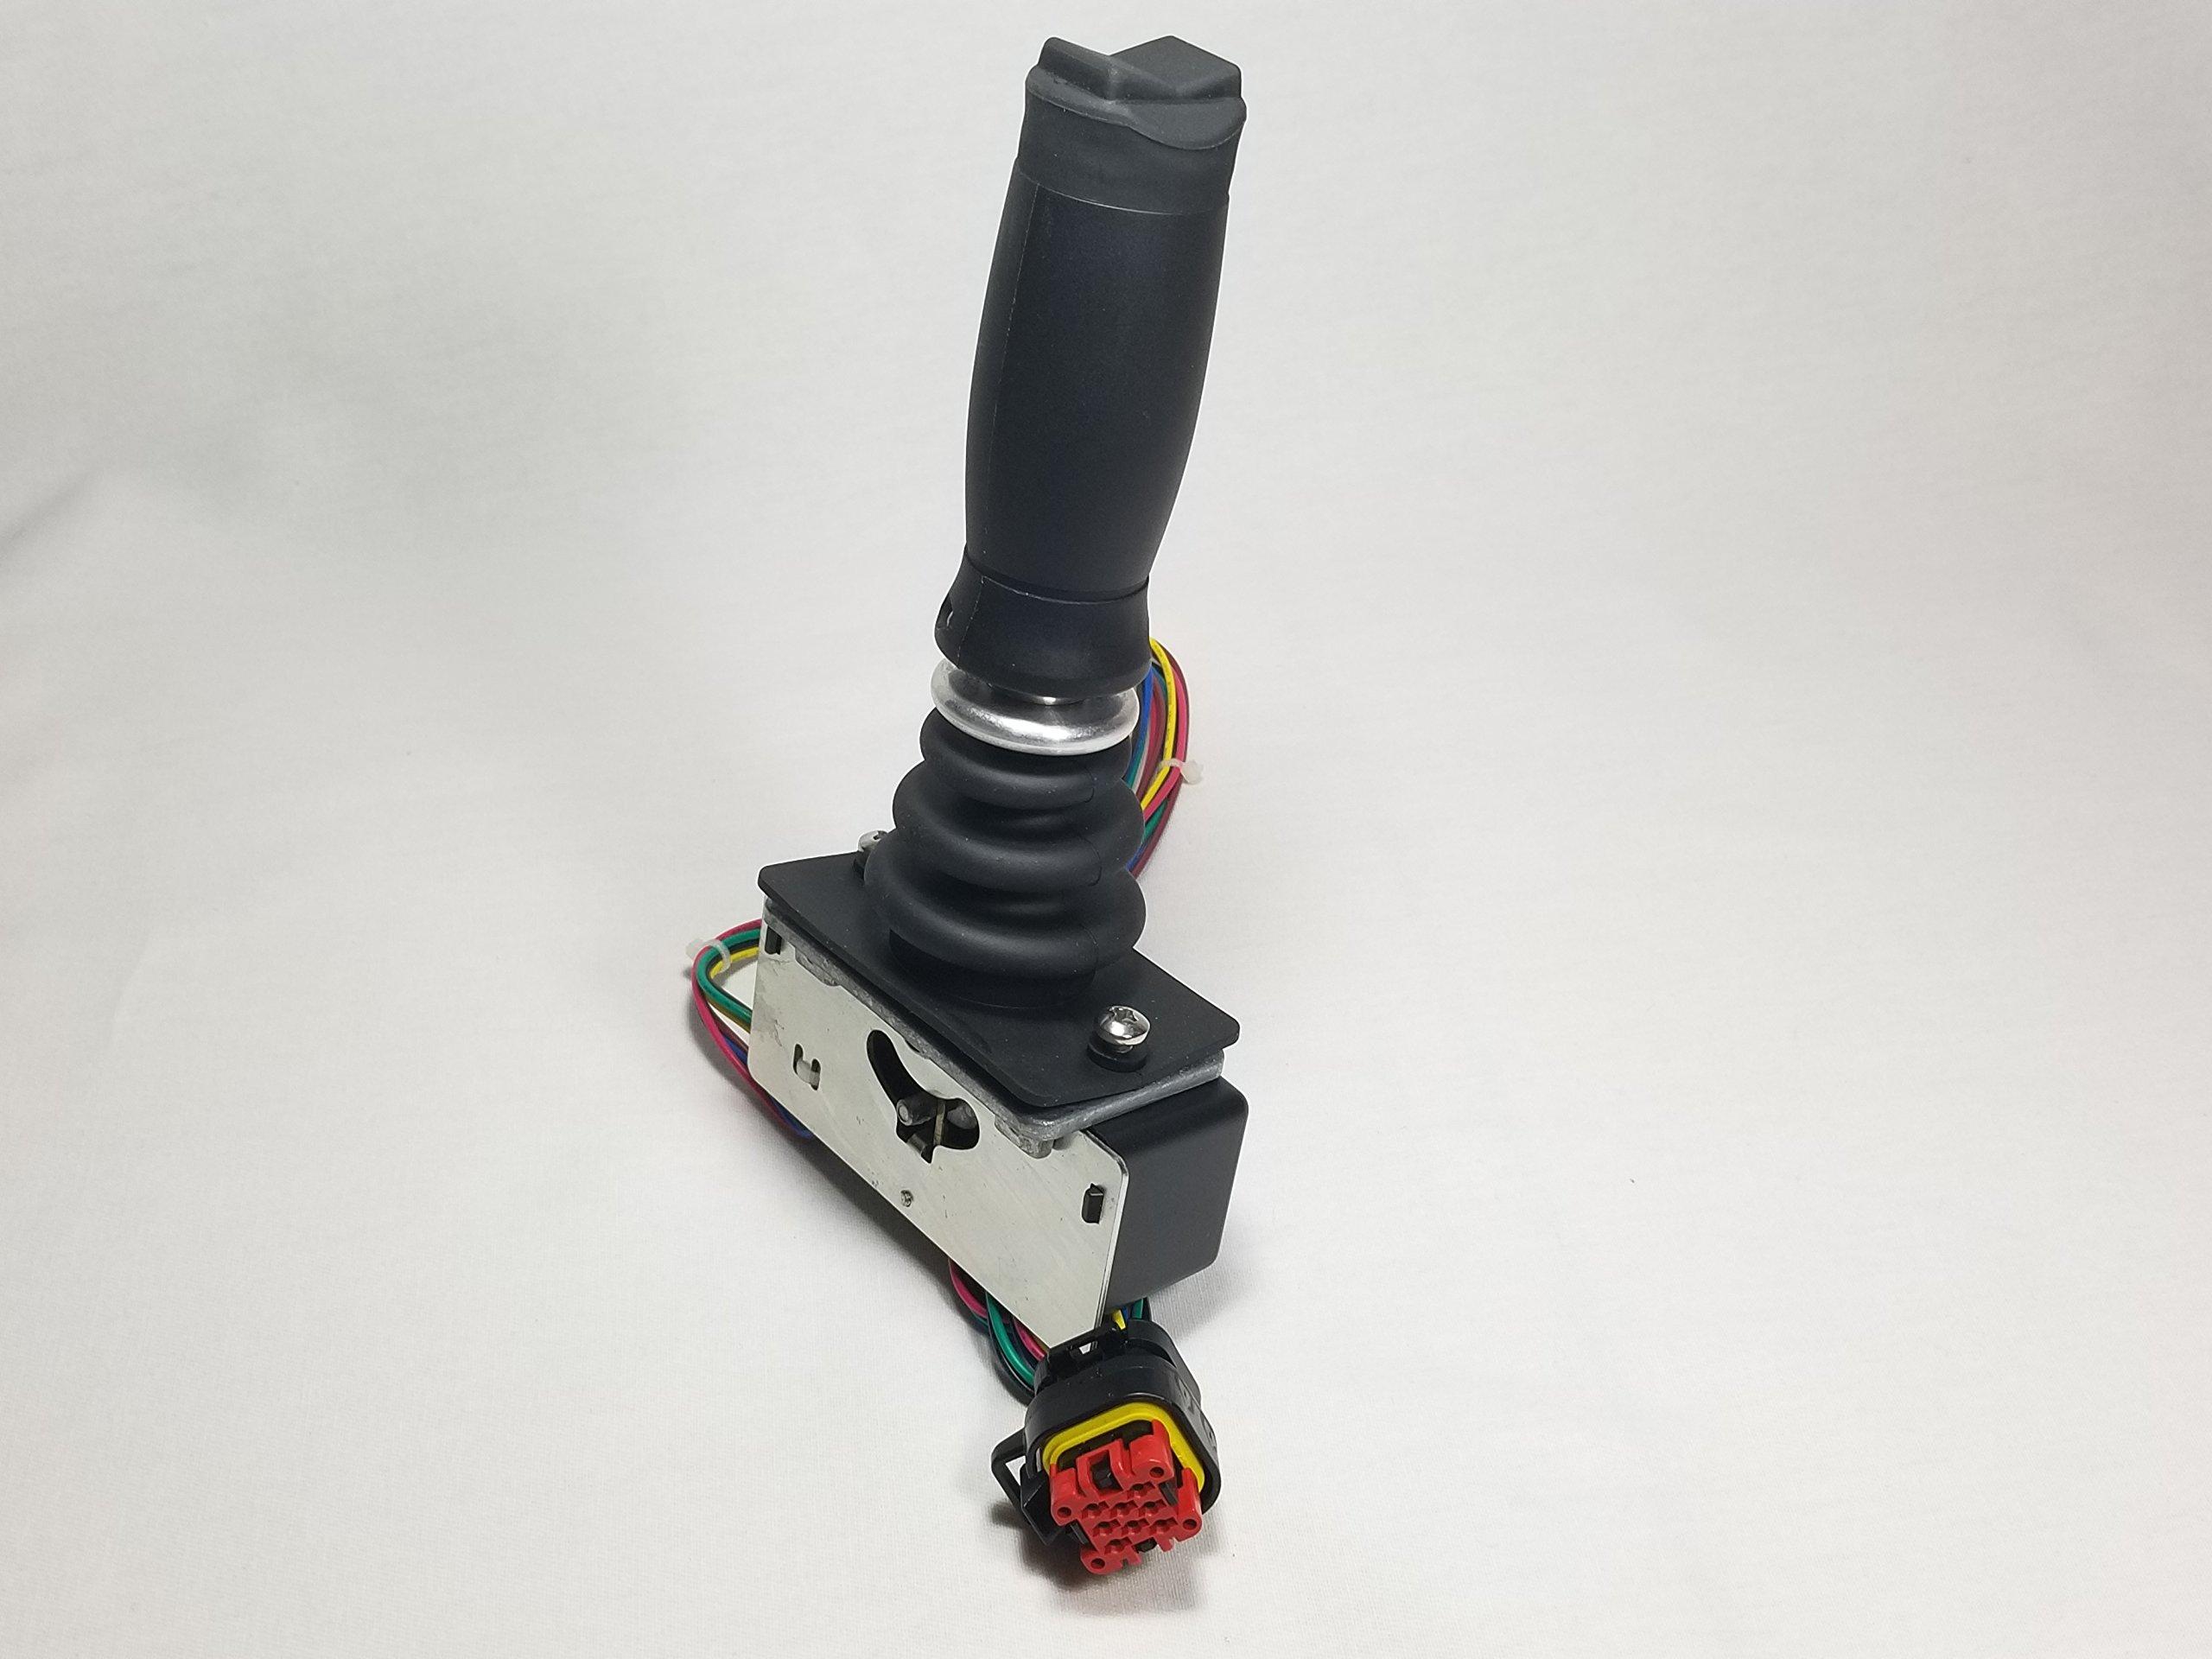 1001212415 Joystick Controller Drive/Steer - Fits JLG